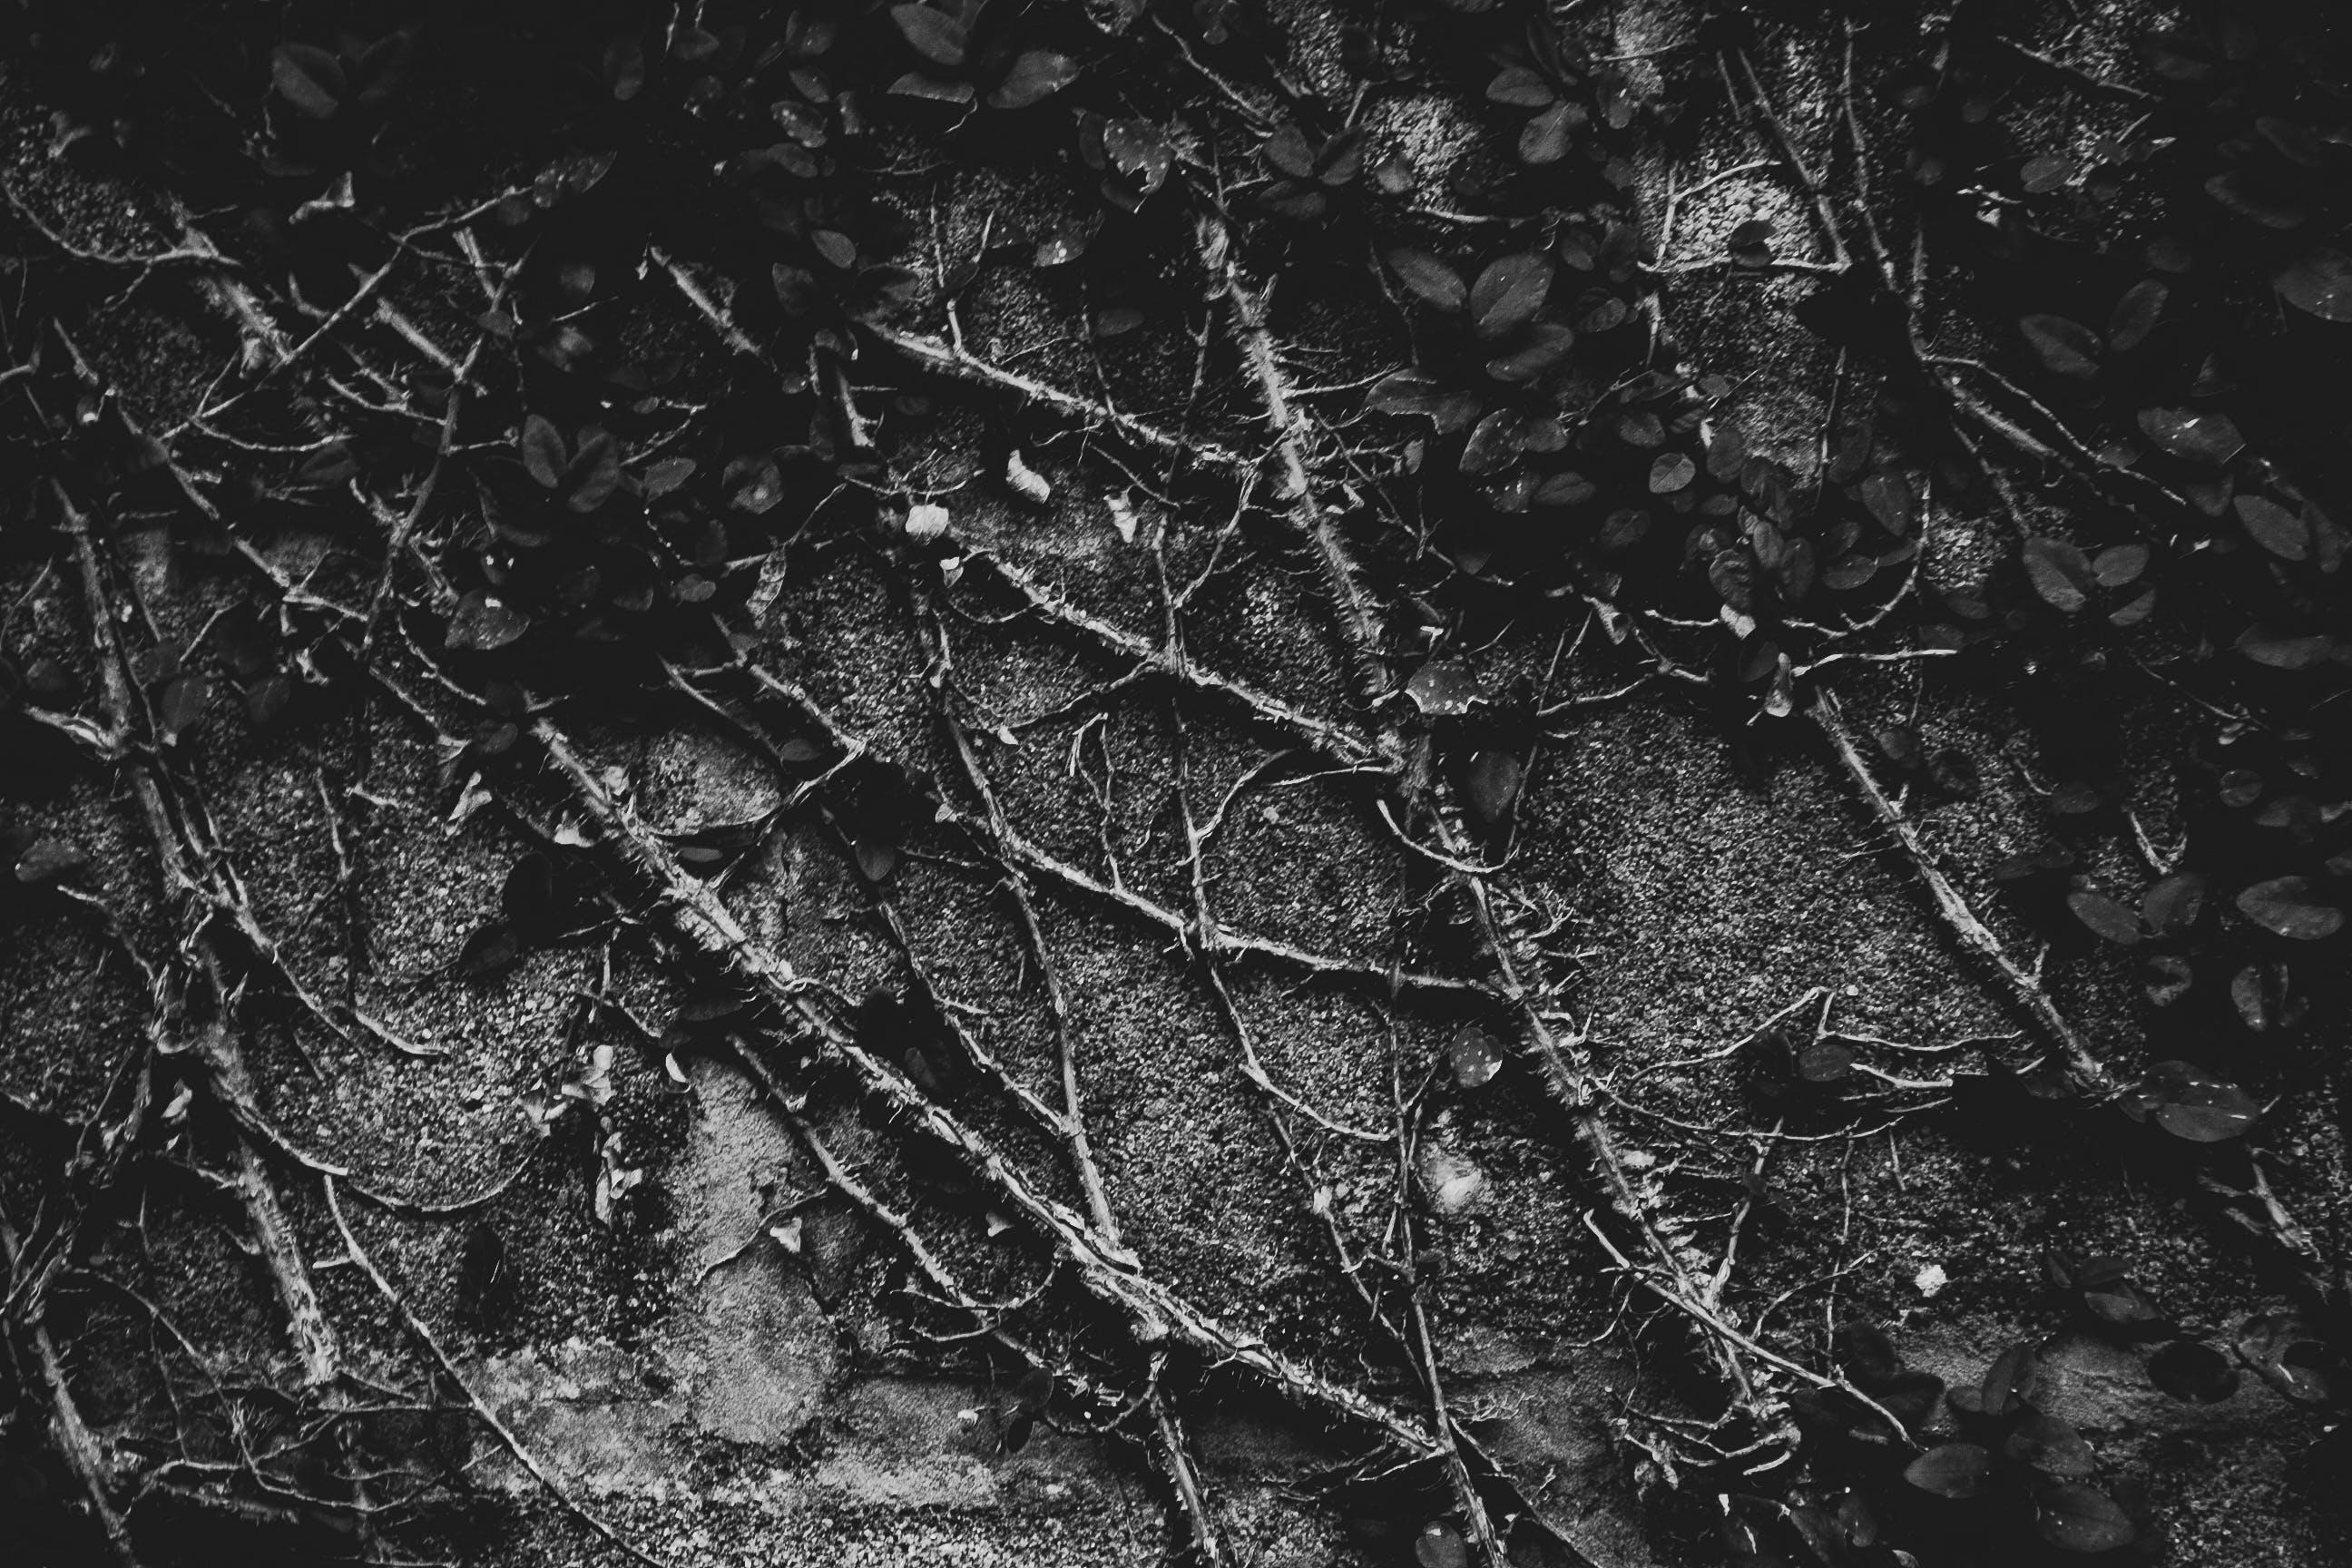 Gratis lagerfoto af plante, sort og hvid, sort-hvid, vinstokke